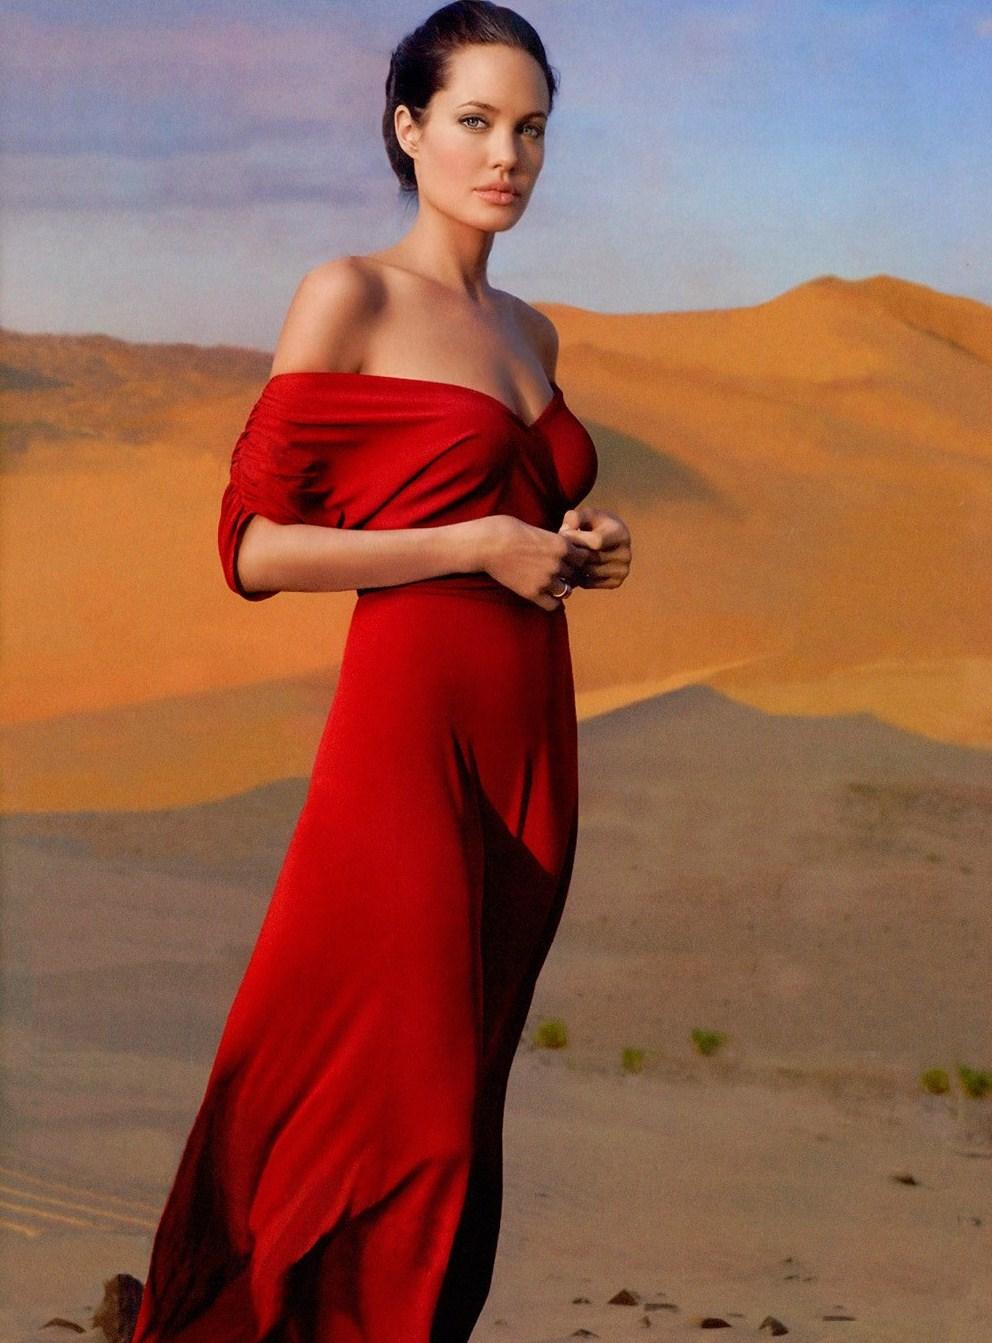 Angelina Jolie, Metal Sorceress of the Sandy Desert, 2017 Prediction